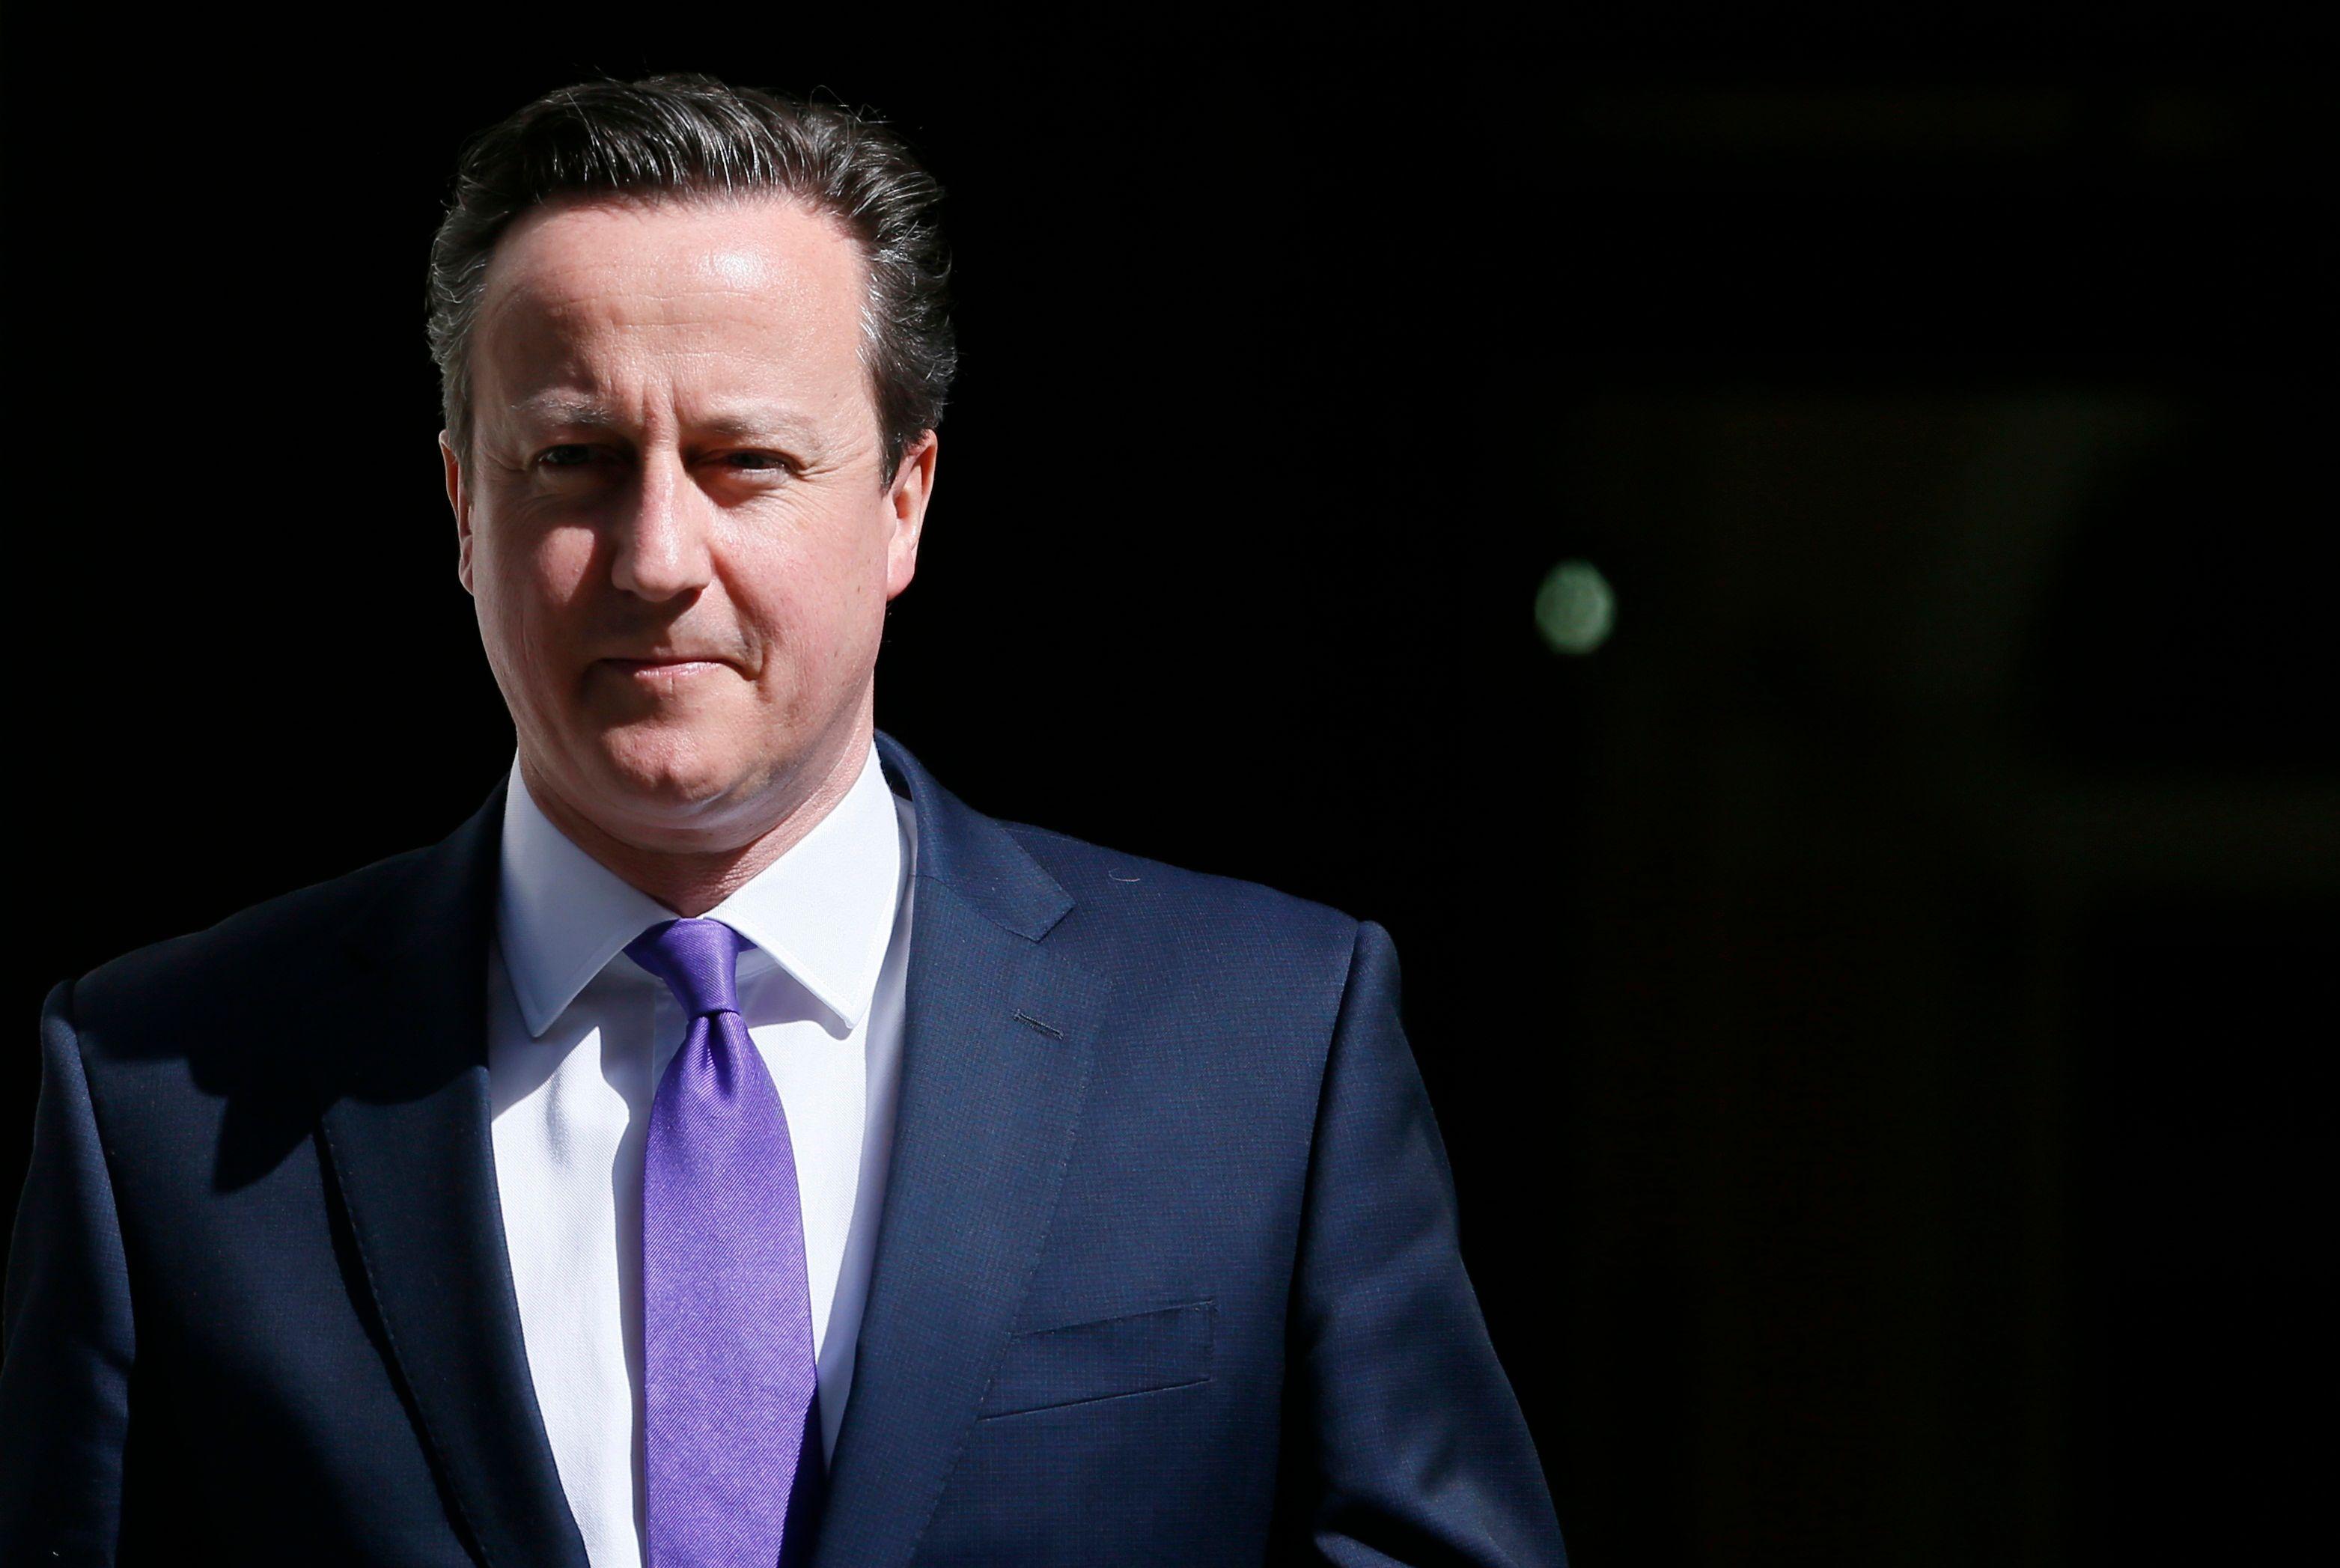 David Cameron a annonce que le référendum britannique sur la sortie de l'Union européenne aura lieu en 2016